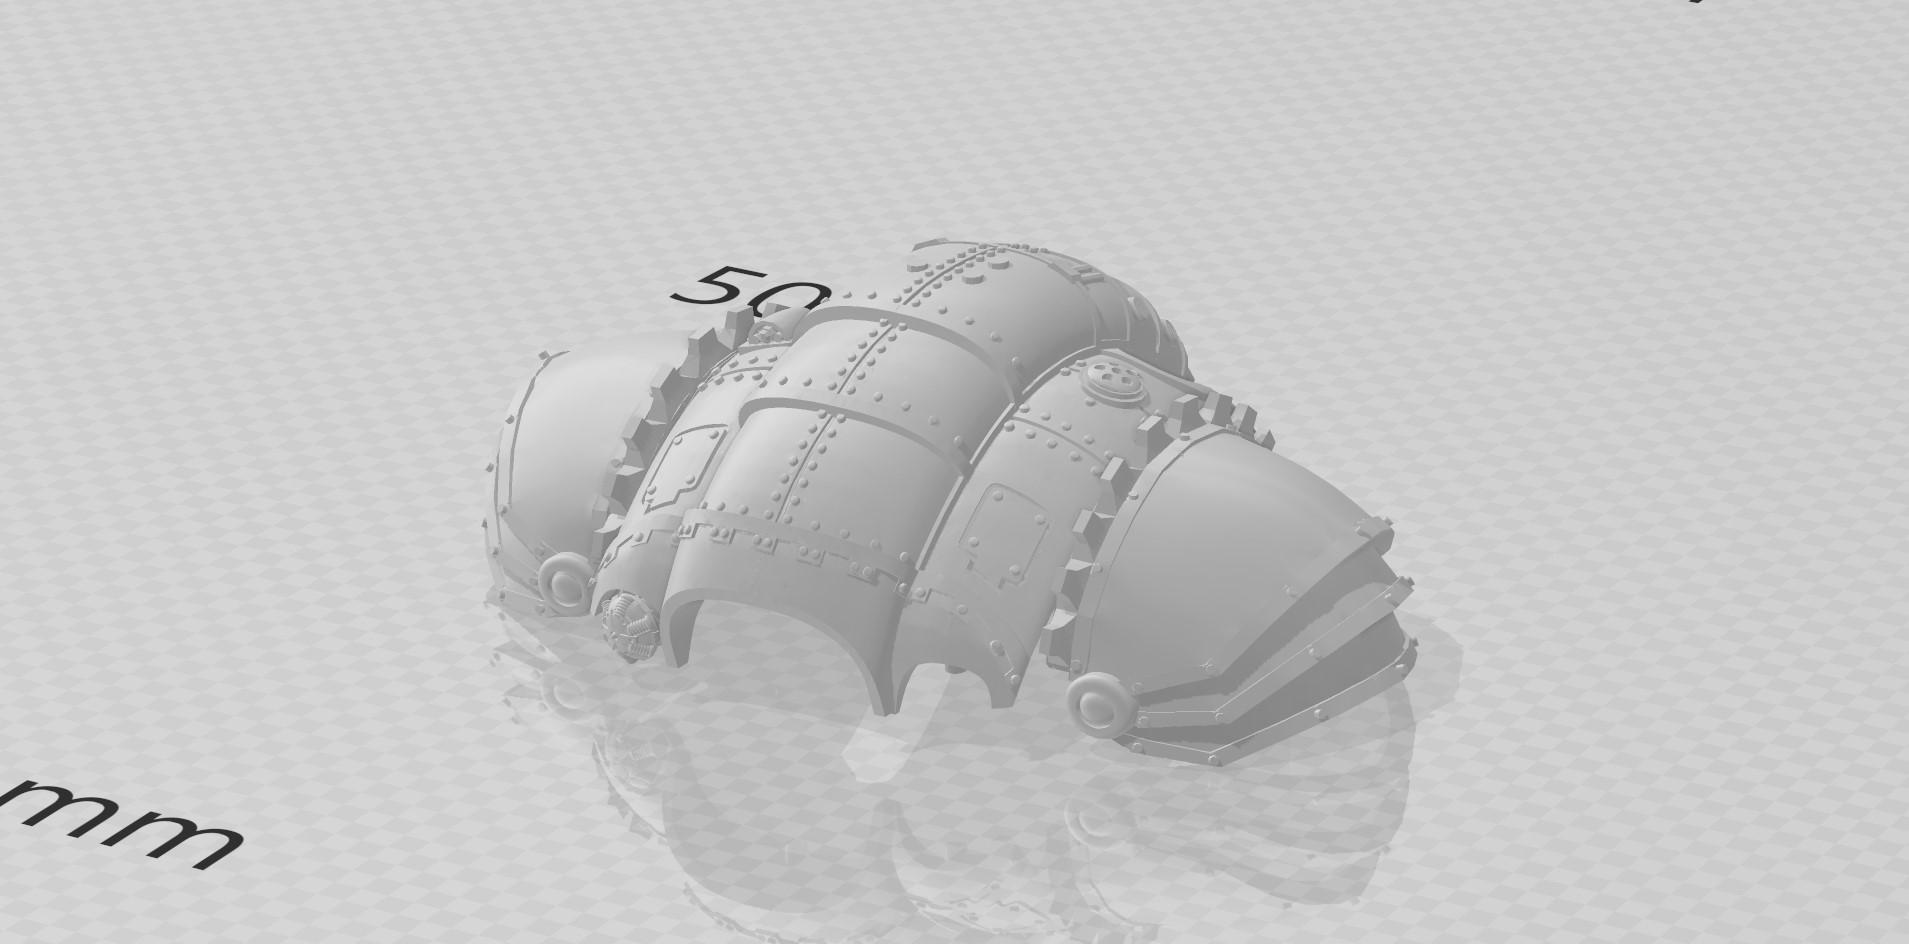 Magaera caparace 3d Adeptus Titanicus